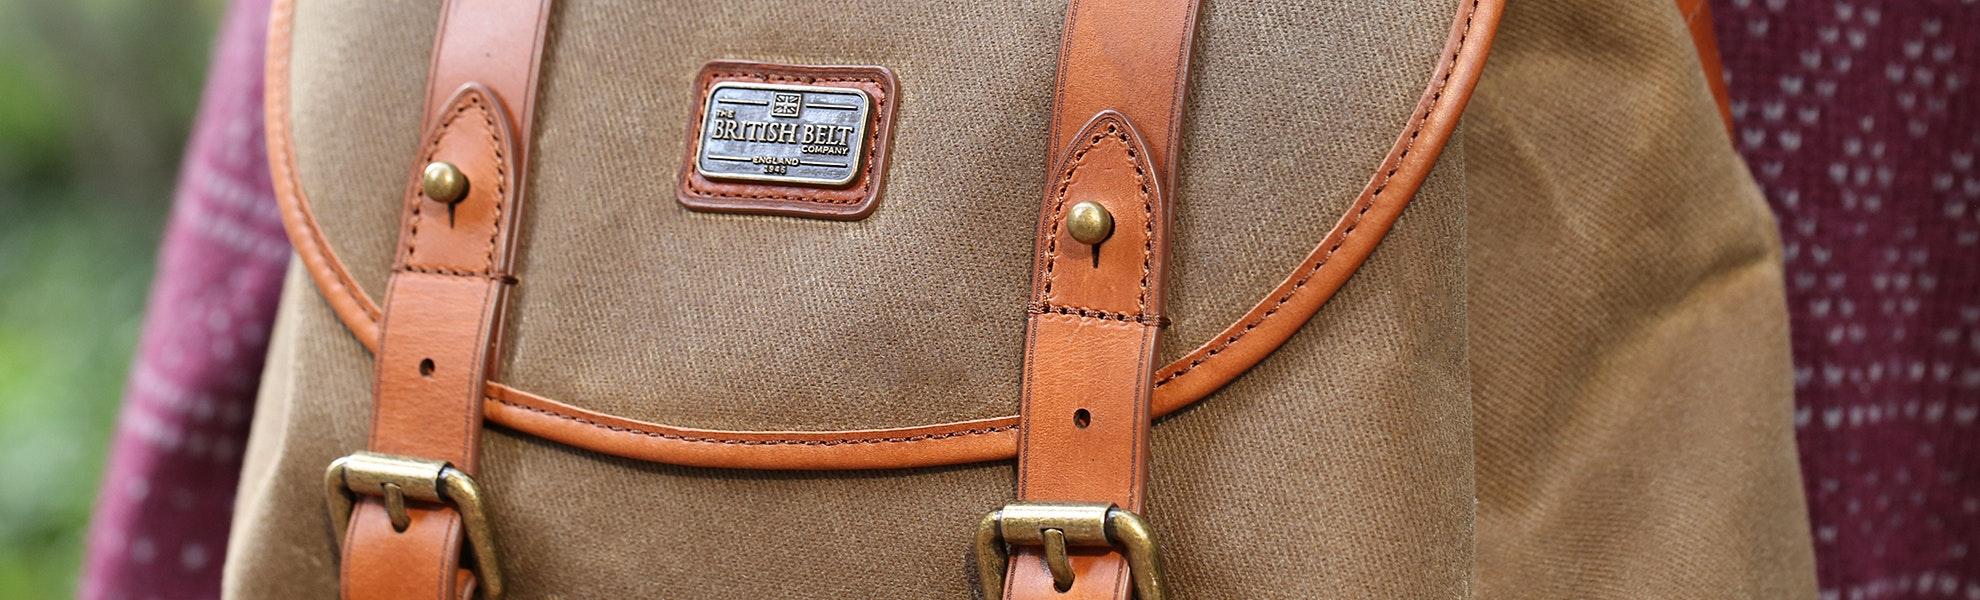 The British Belt Co. Langdale Rucksack